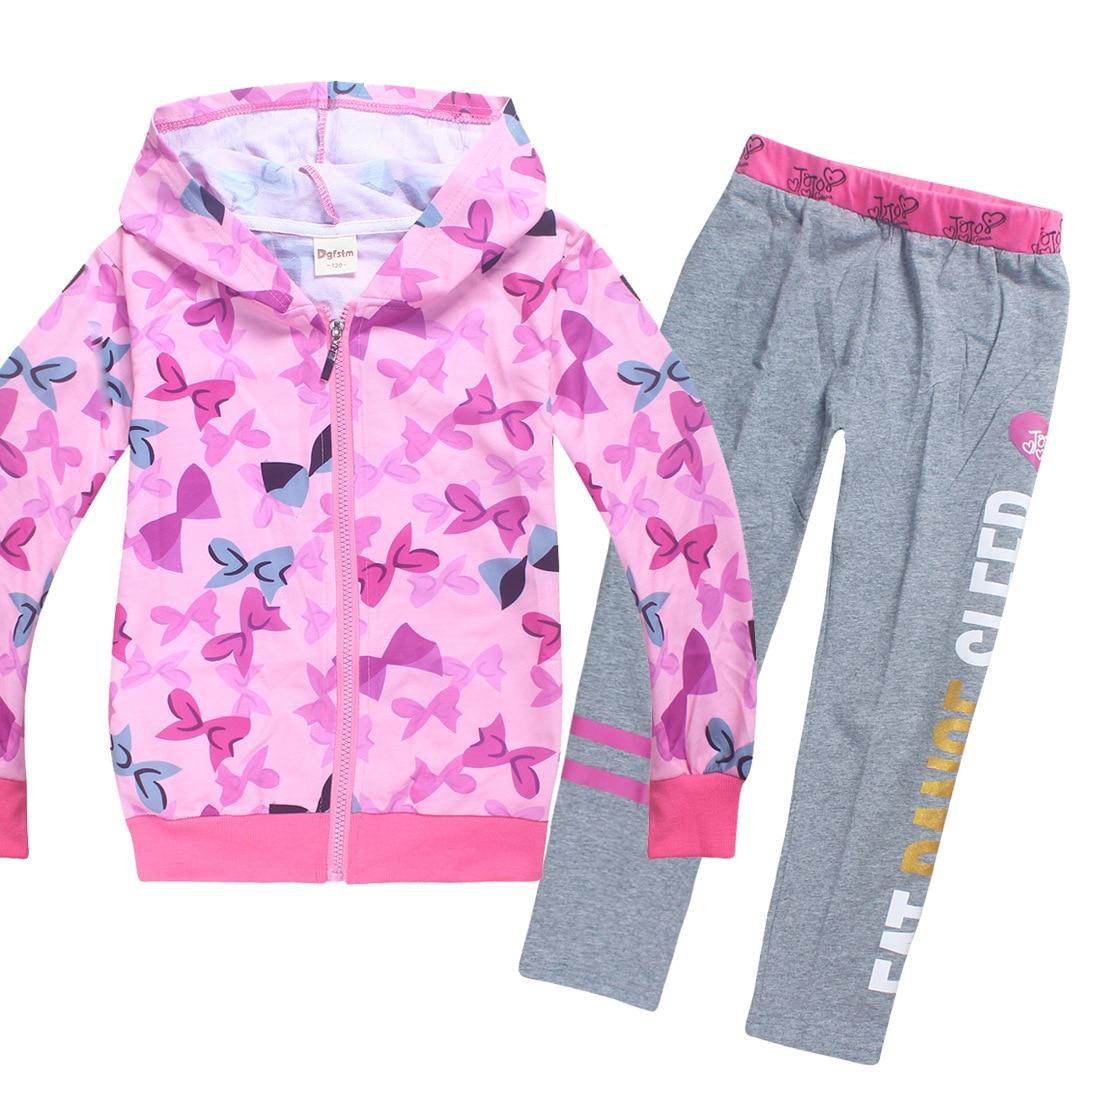 JOJO Siwa/зимняя детская одежда для малышей, футболка с длинными рукавами топы для девочек, толстовки + штаны, комплект из 2 предметов, одежда для